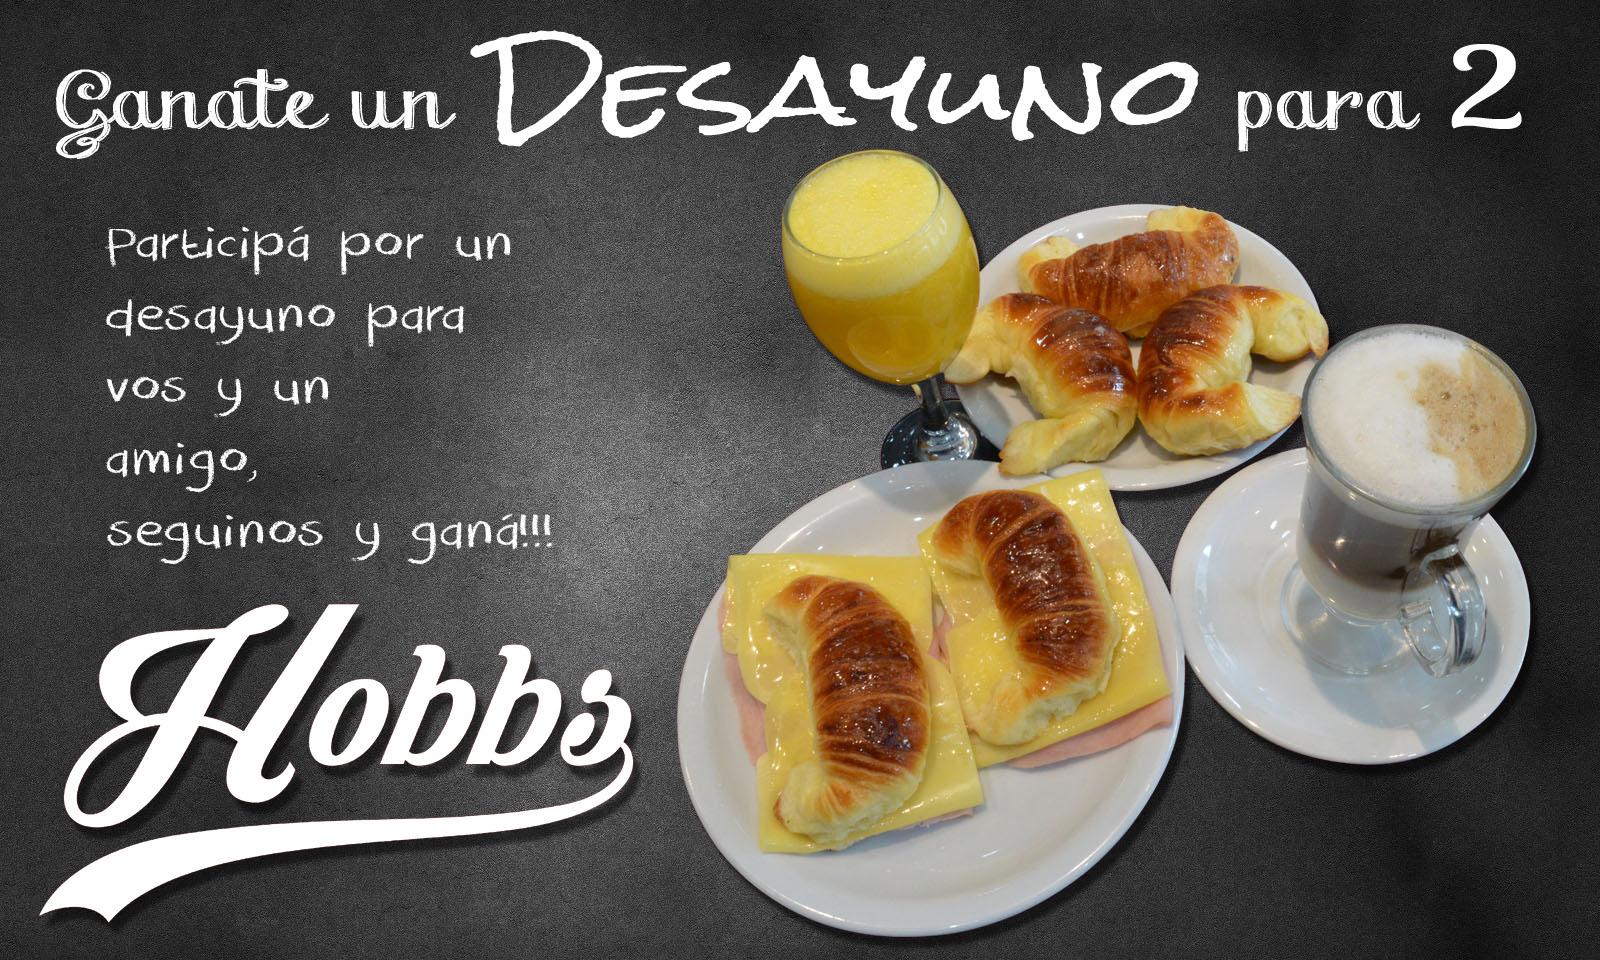 Ganate un desayuno para 2 personas en Hobbs